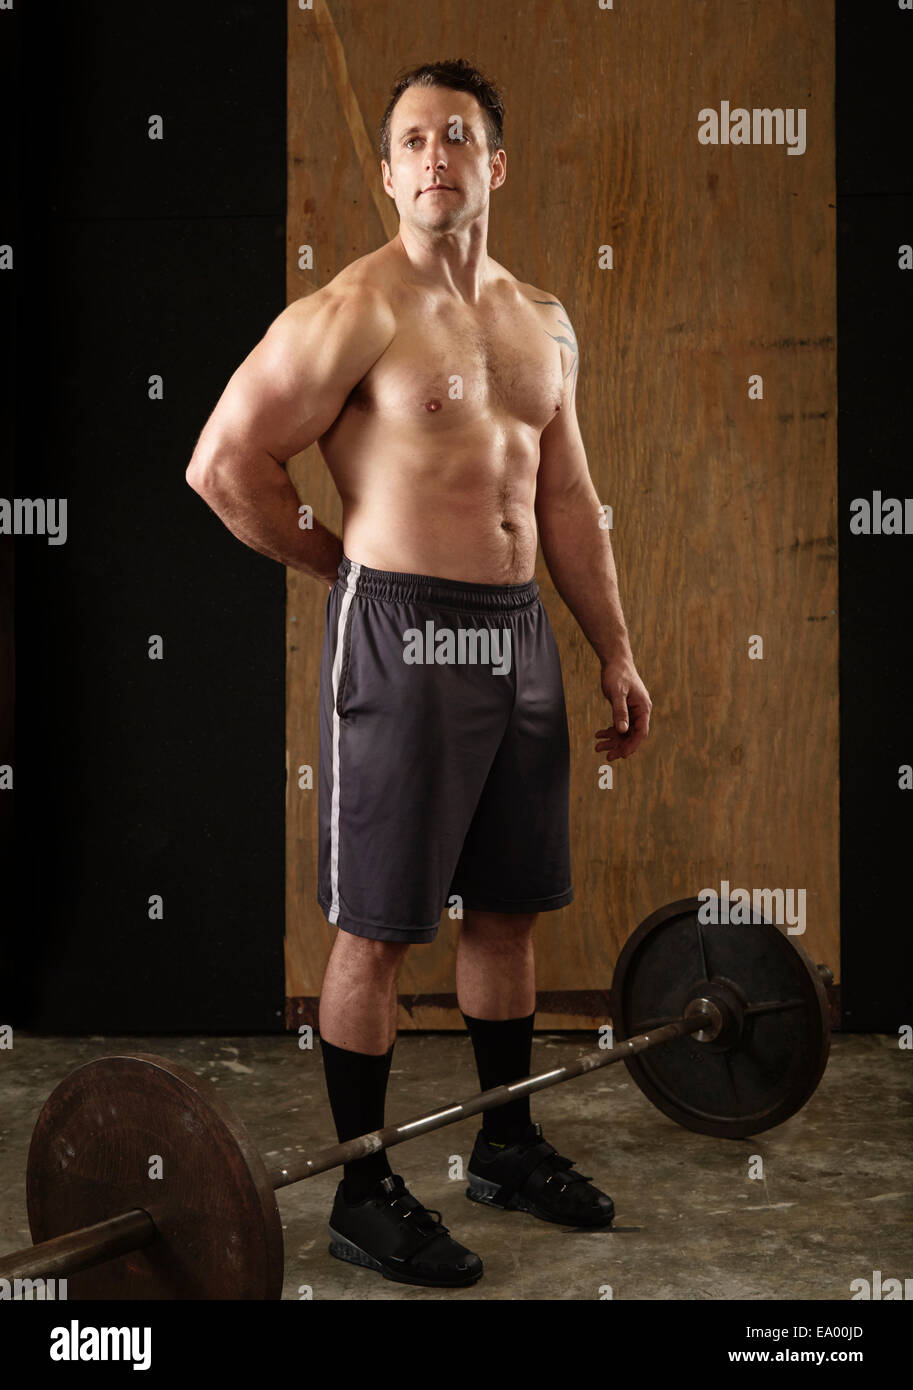 Ritratto di muscolare di metà maschio adulto weightlifter con barbell in palestra Immagini Stock